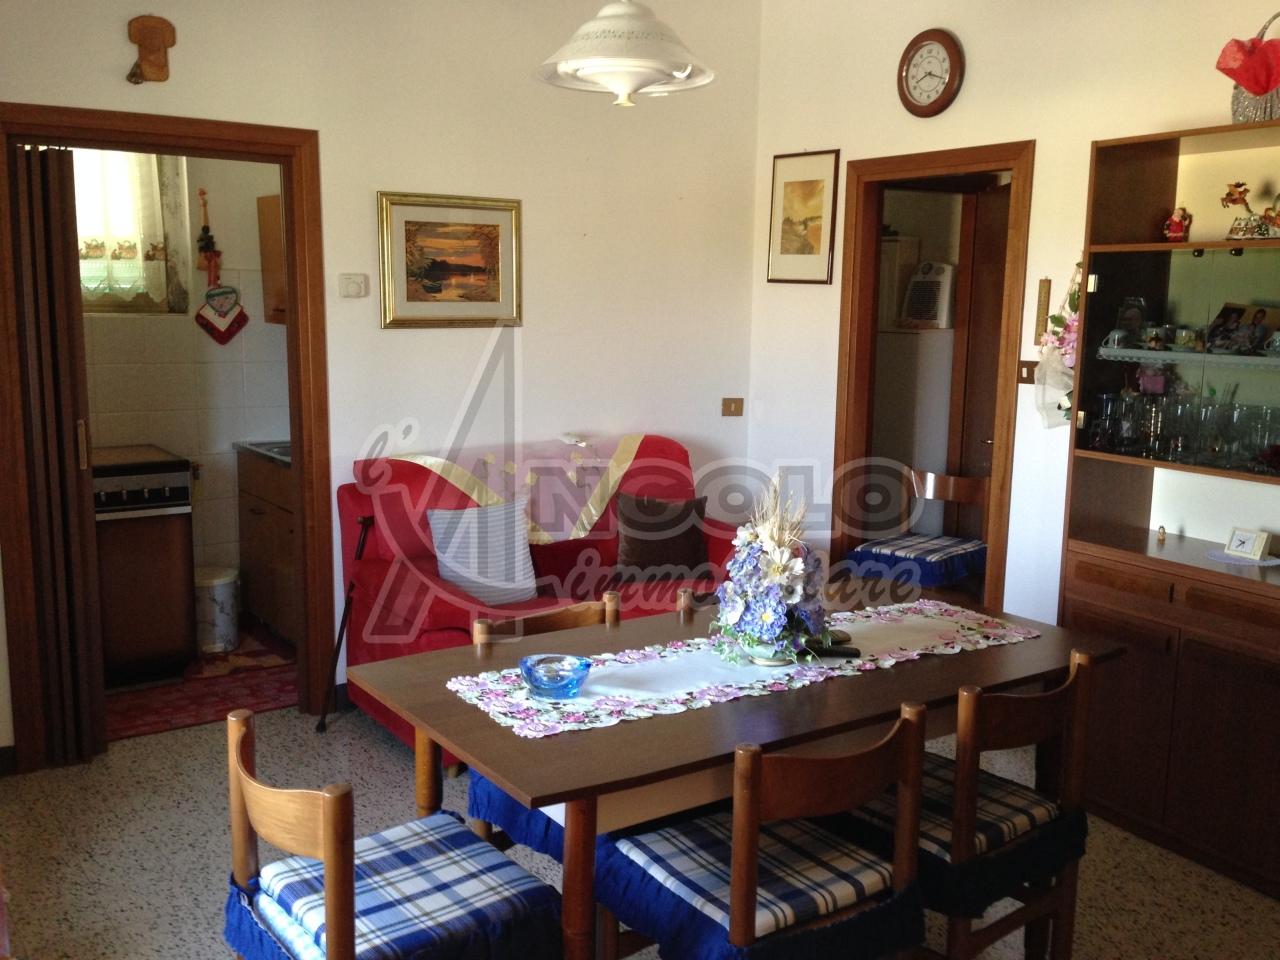 Appartamento in vendita a Frassinelle Polesine, 3 locali, prezzo € 35.000 | Cambio Casa.it